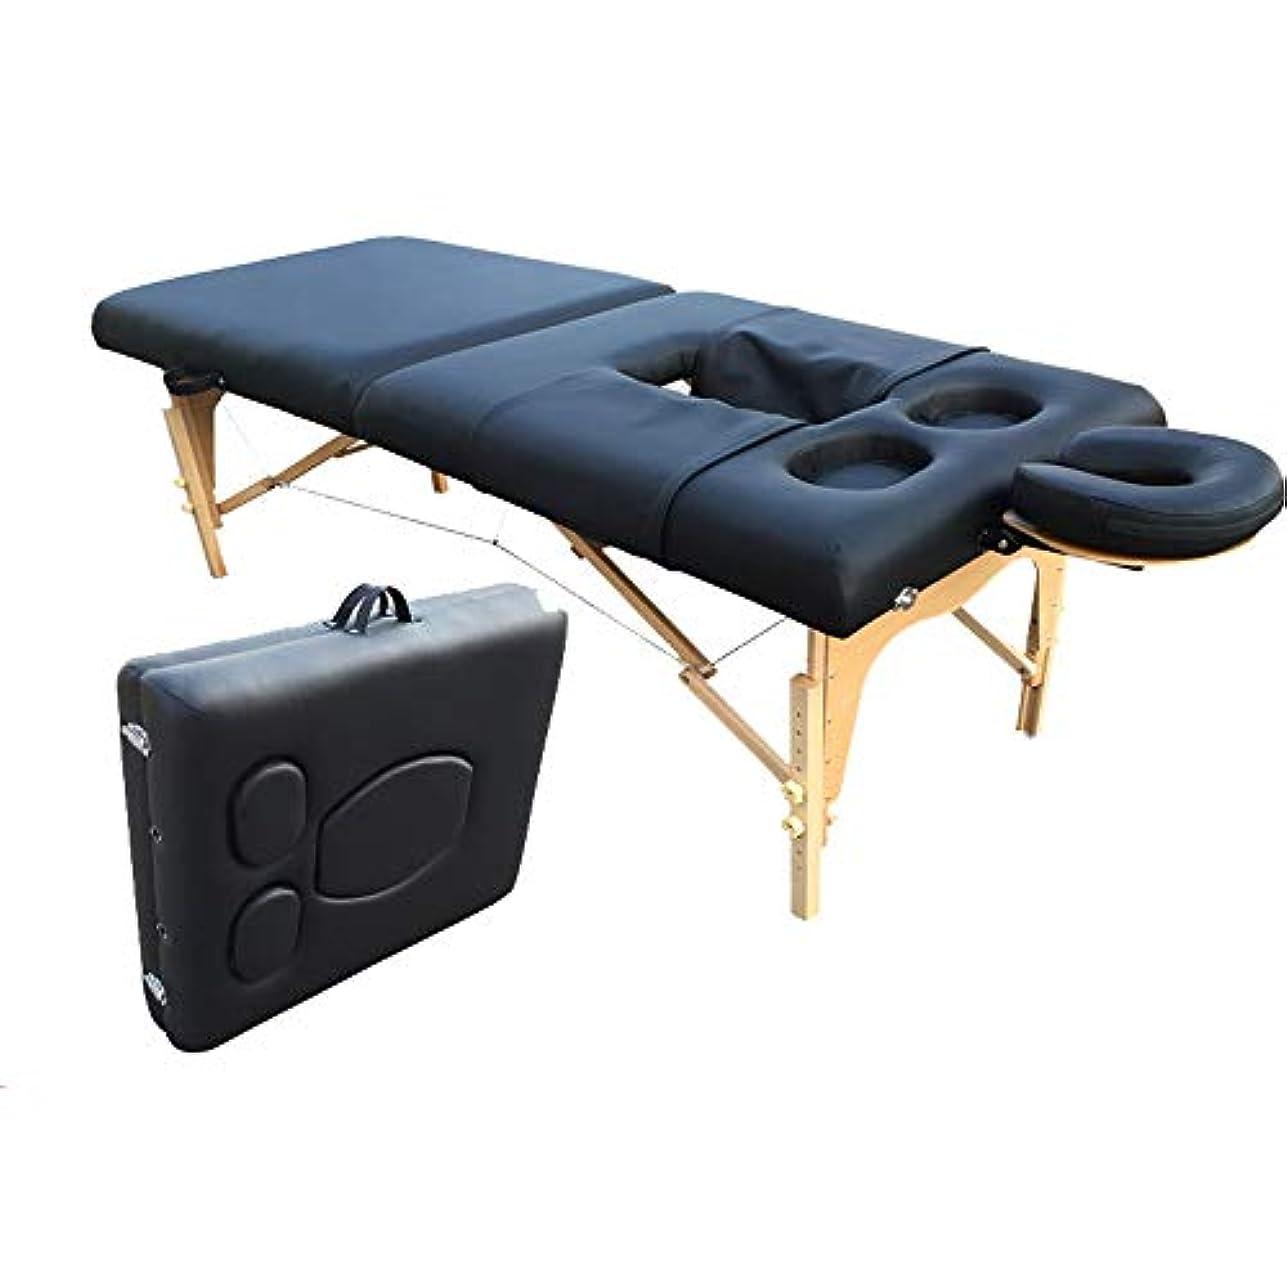 接触すべき北方品質ポータブルマッサージテーブル&調節可能な胸の穴を持つ折りたたみマッサージベッド、ソファービューティー表ビューティーサロンソファーベッド快適な